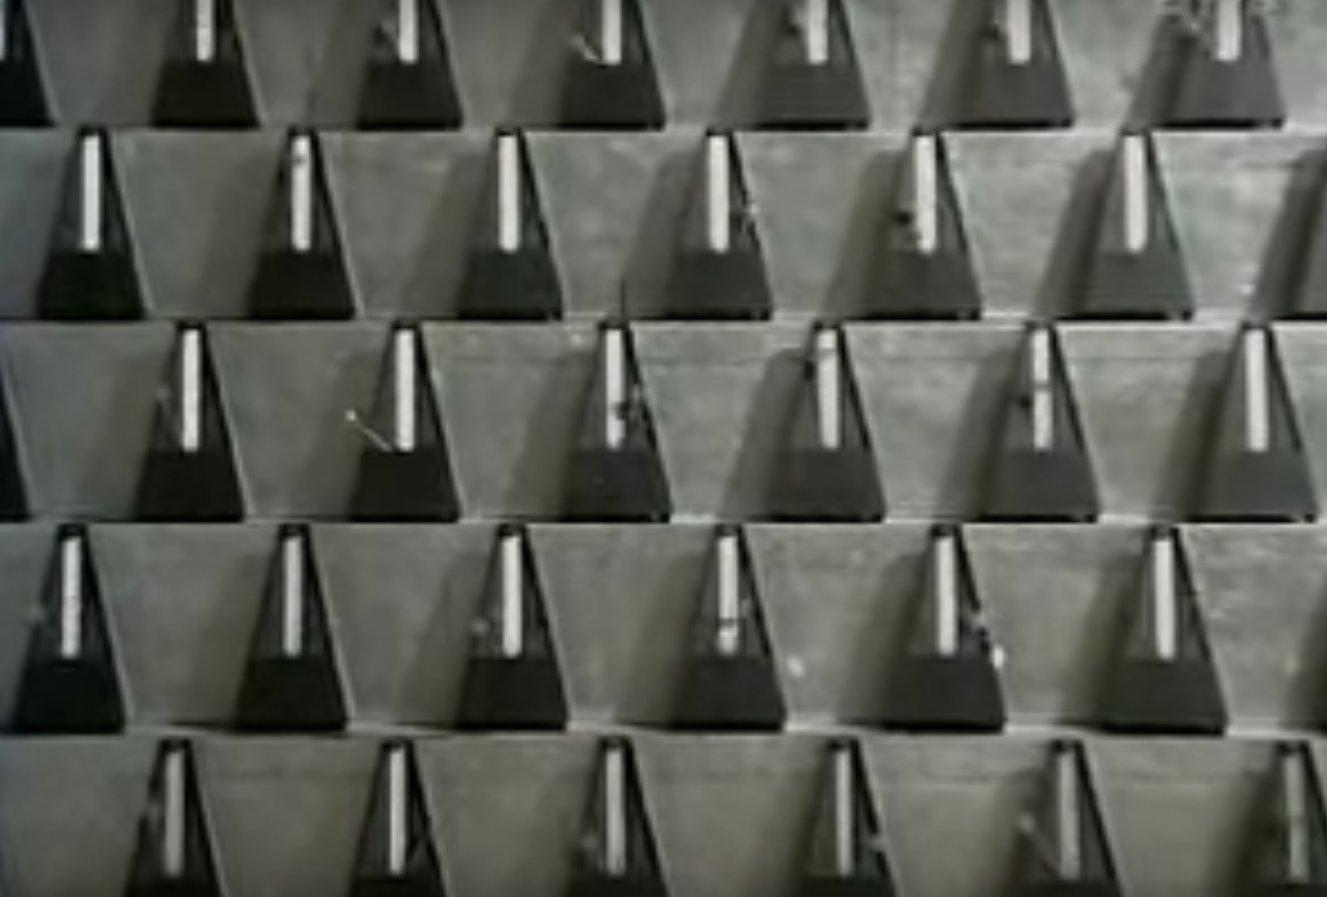 György Ligeti: Poema sinfónico para 100 Metrónomos